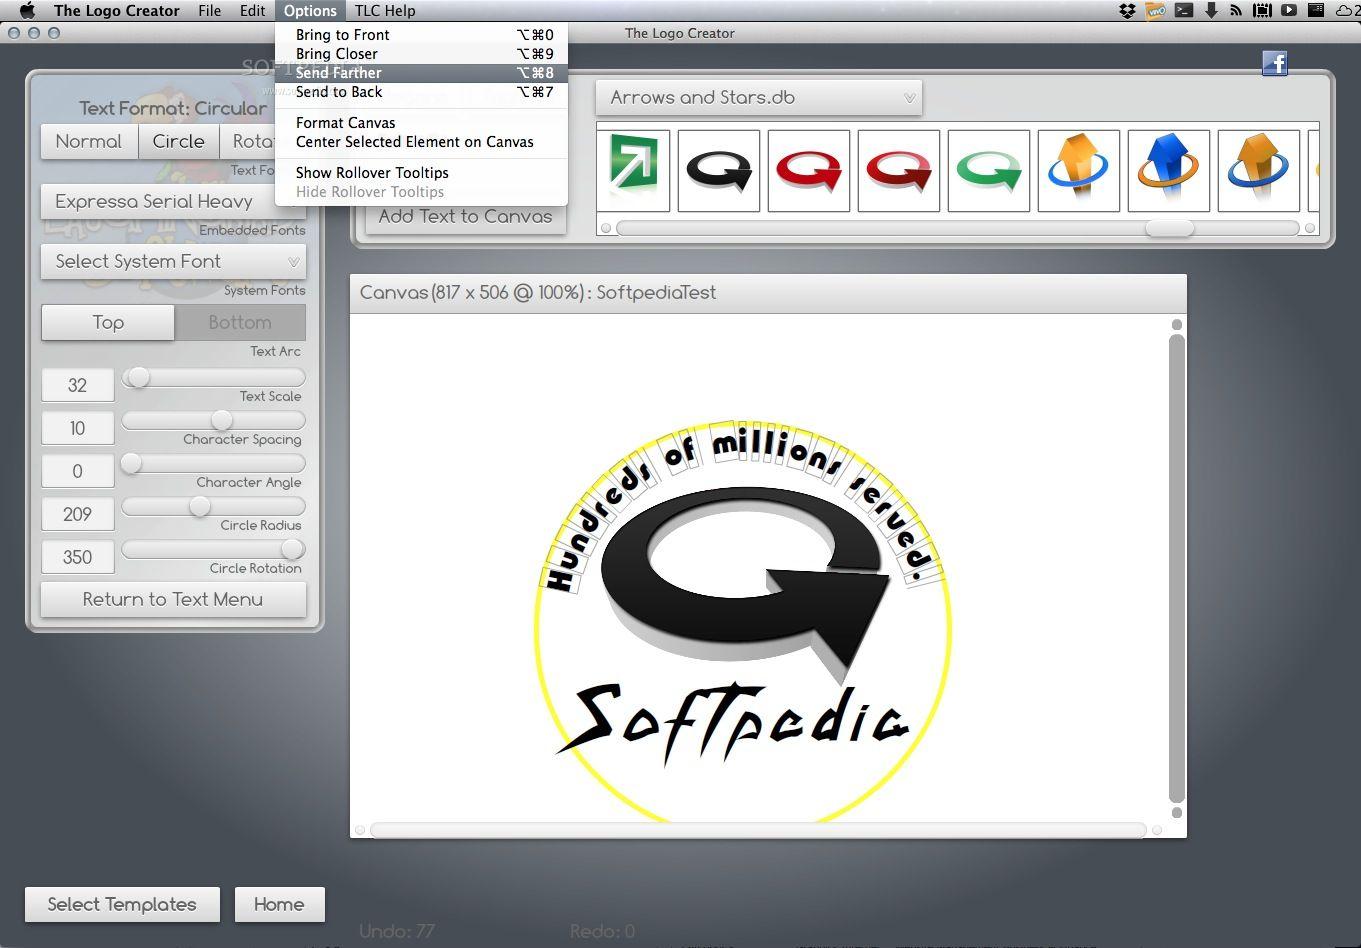 تحميل برنامج تصميم شعارات Logo Creator مجاناً للكمبيوتر - موقع داونلودر